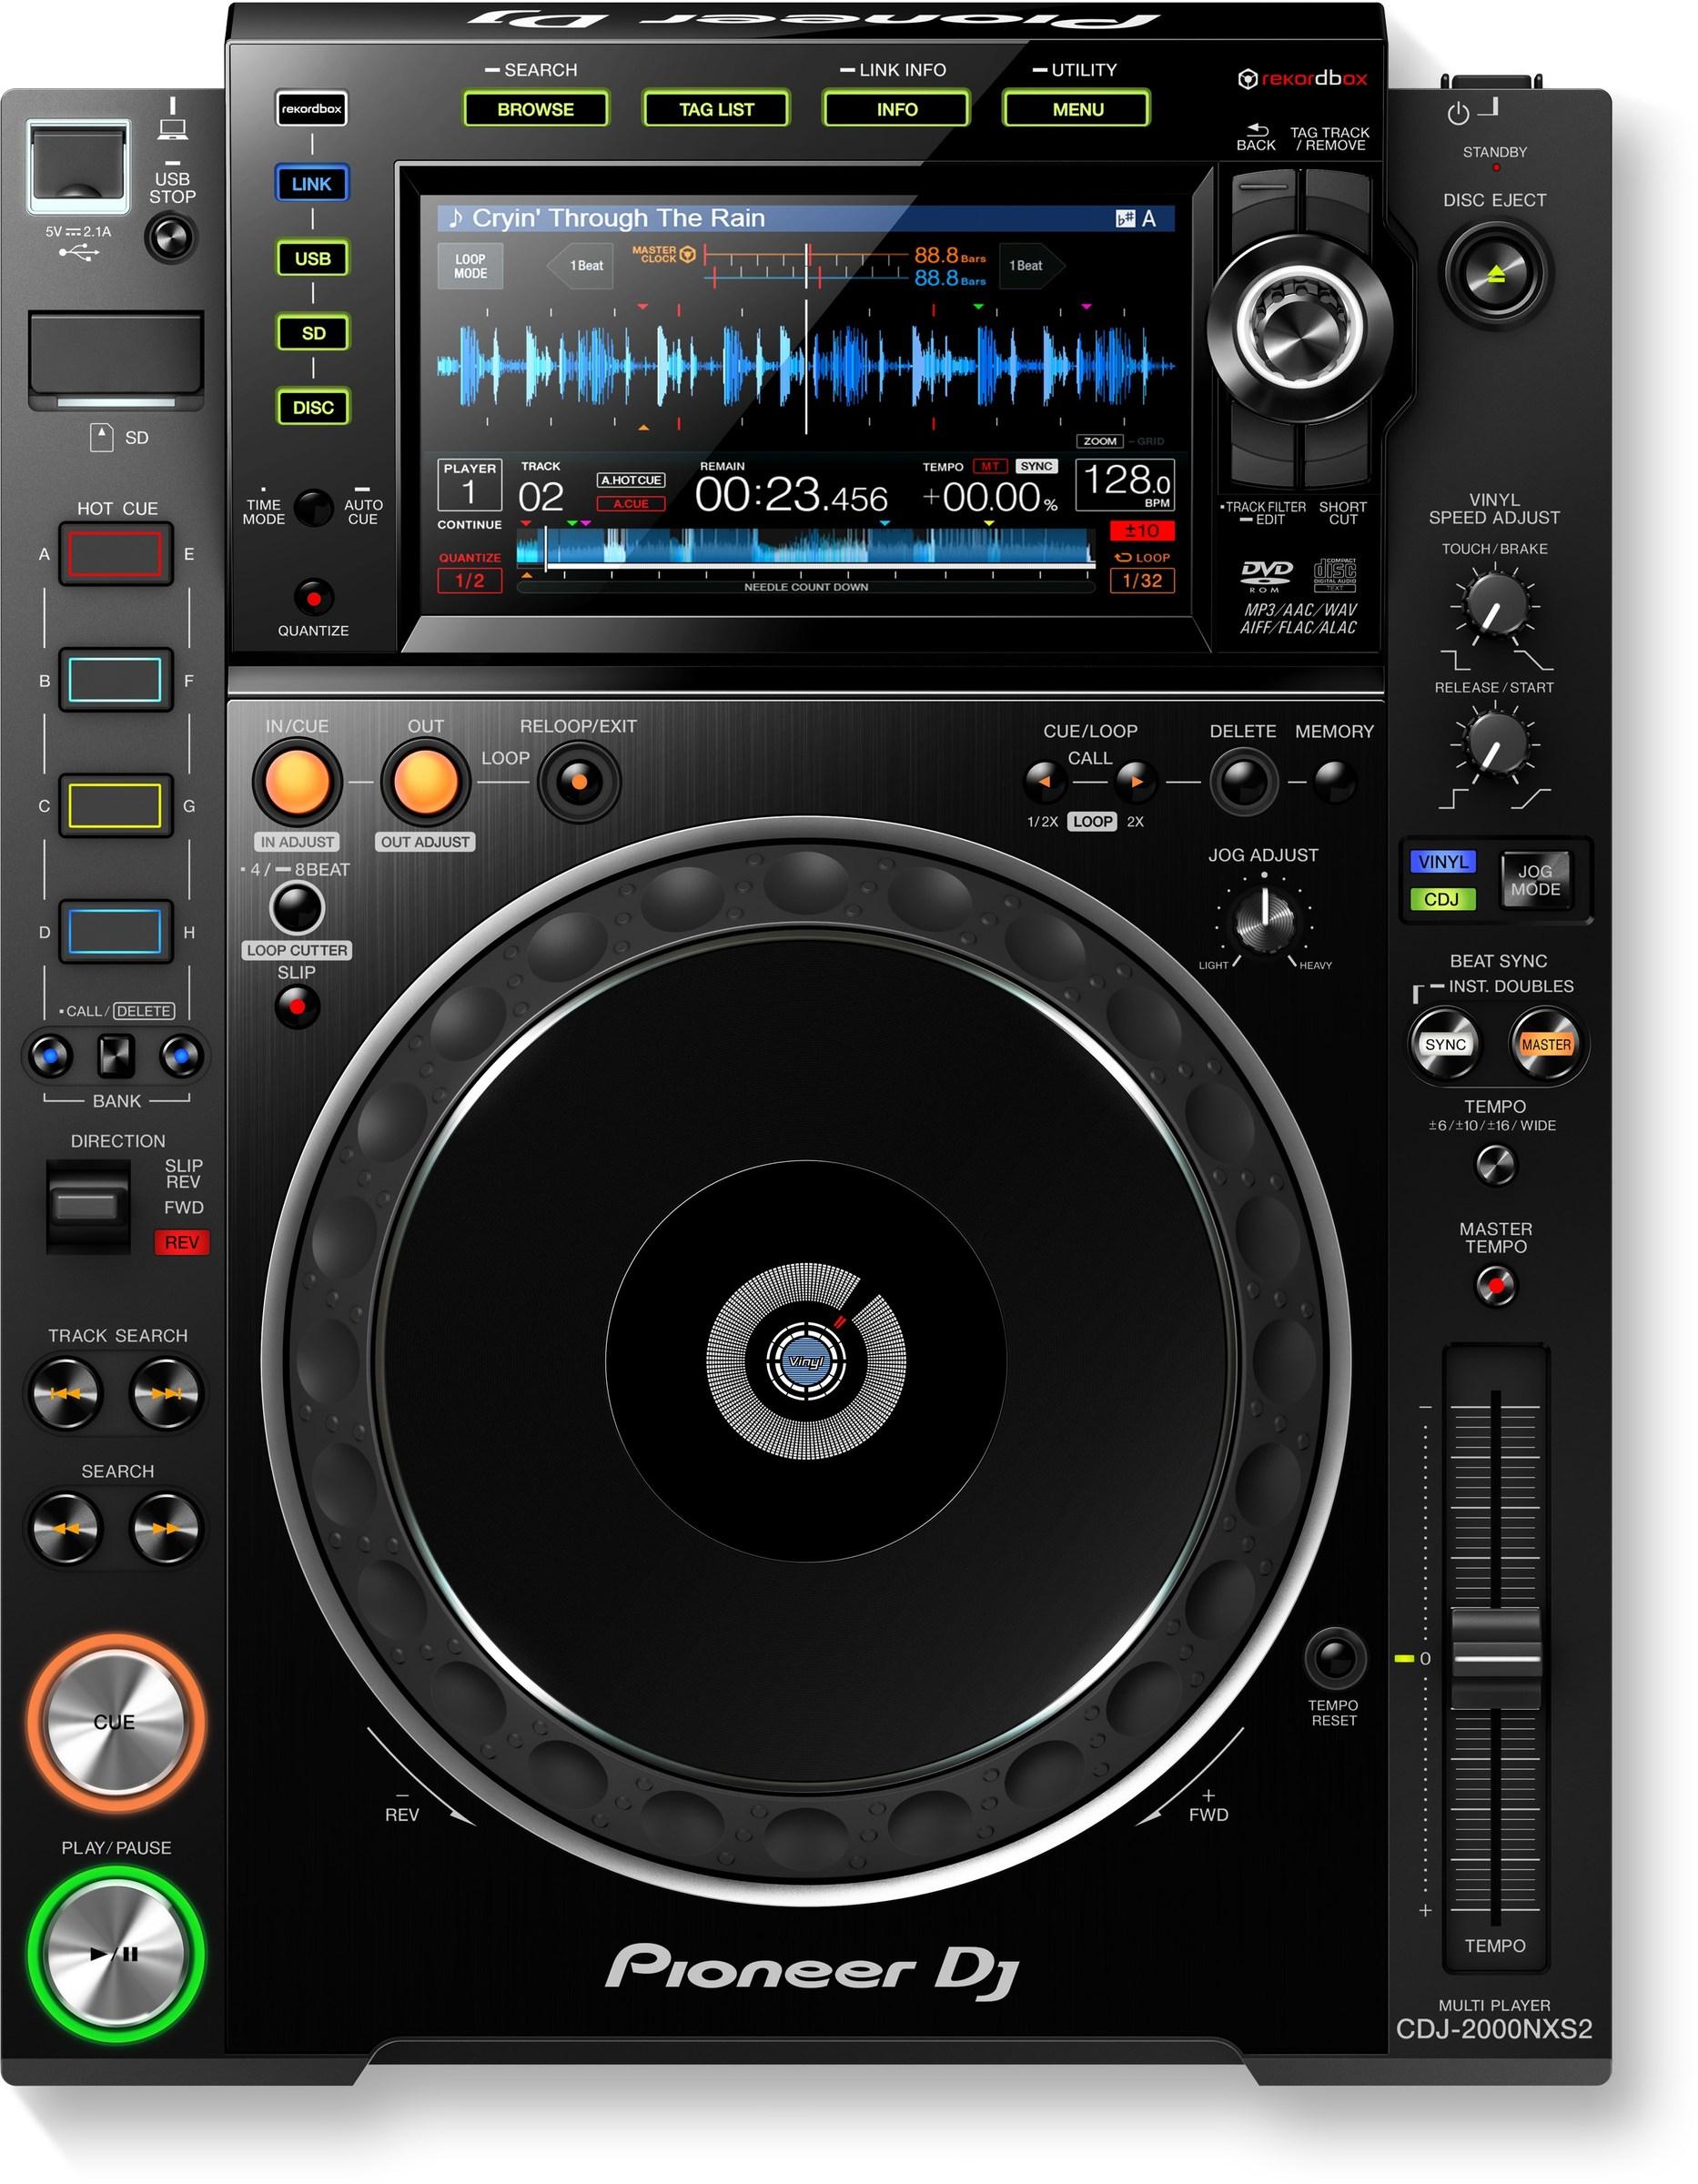 cdj-2000nxs2 black.jpg